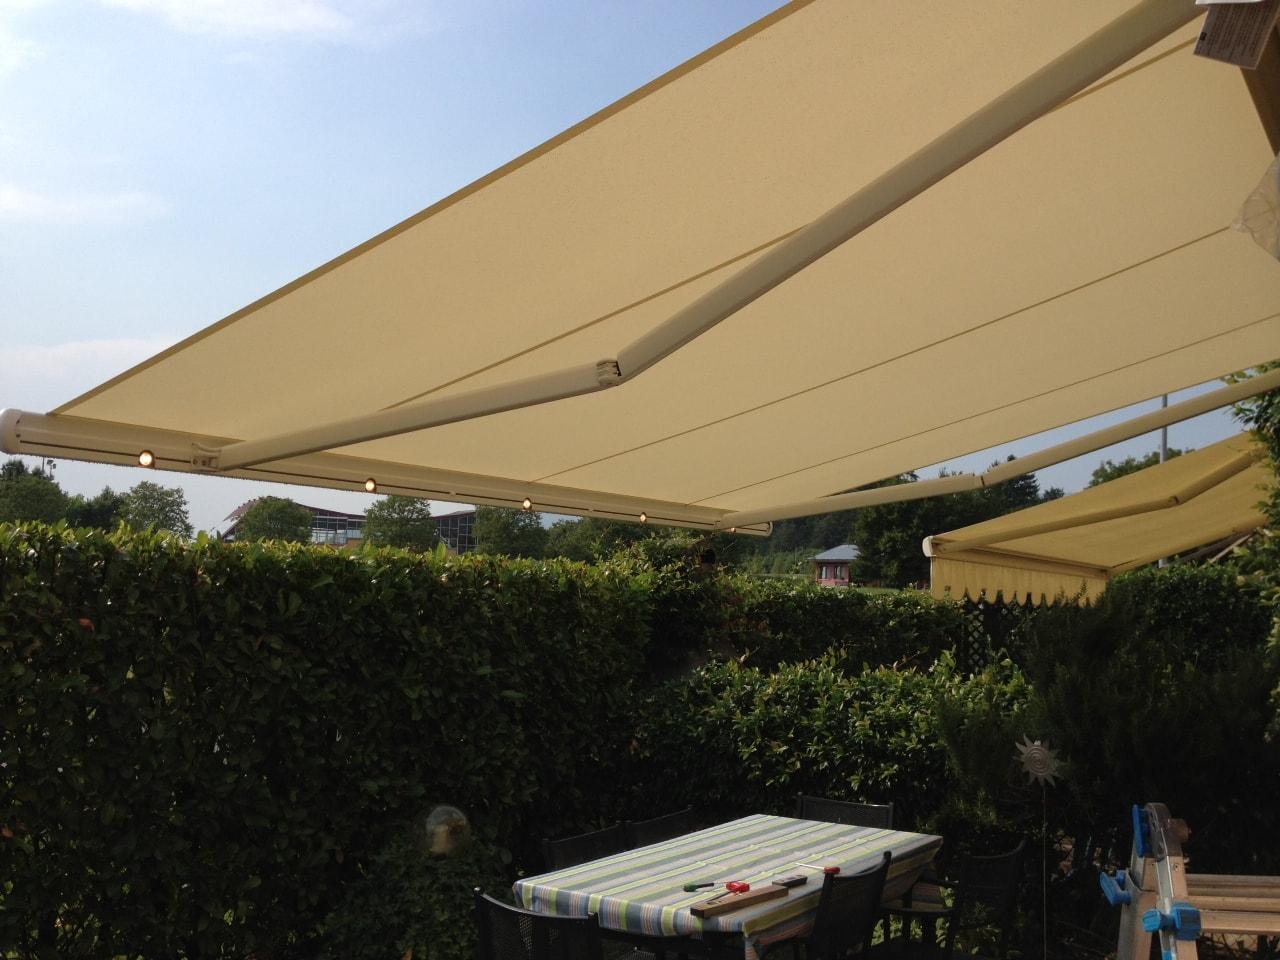 tenda-markilux-per-esterno